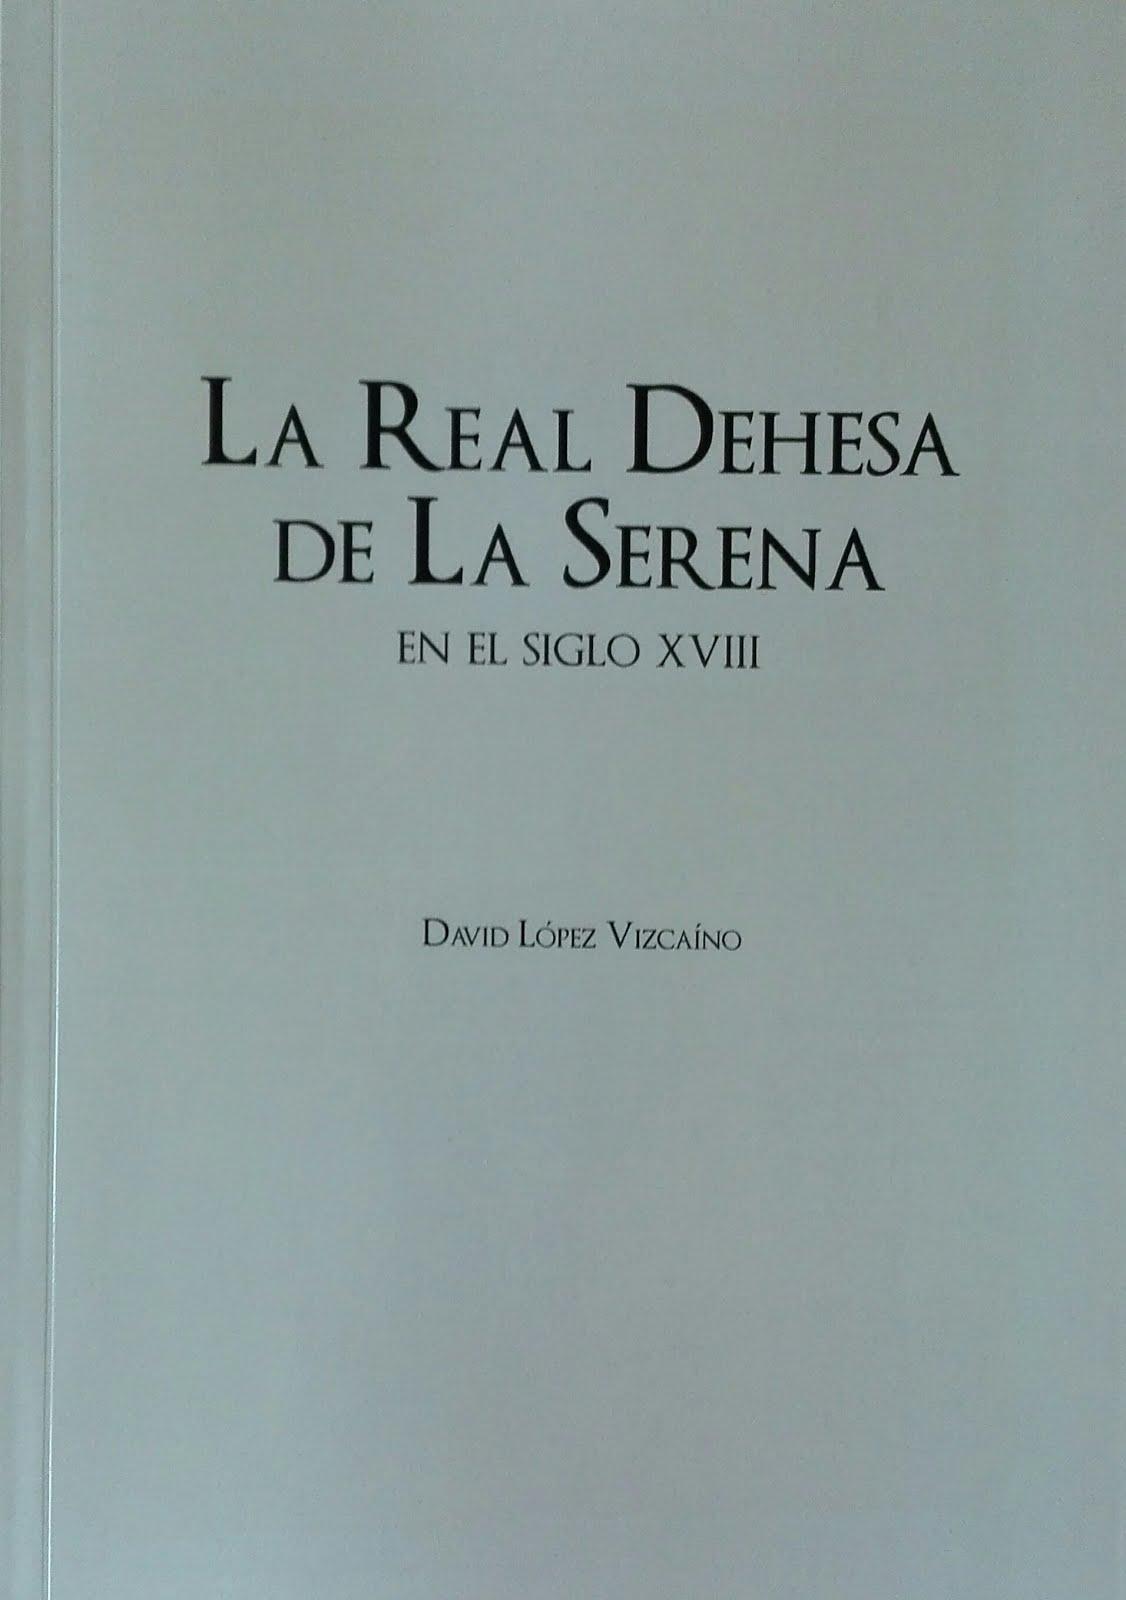 Obra del bloguero. Historia, investigación. La Real Dehesa de La Serena en el siglo XVIII, 2017